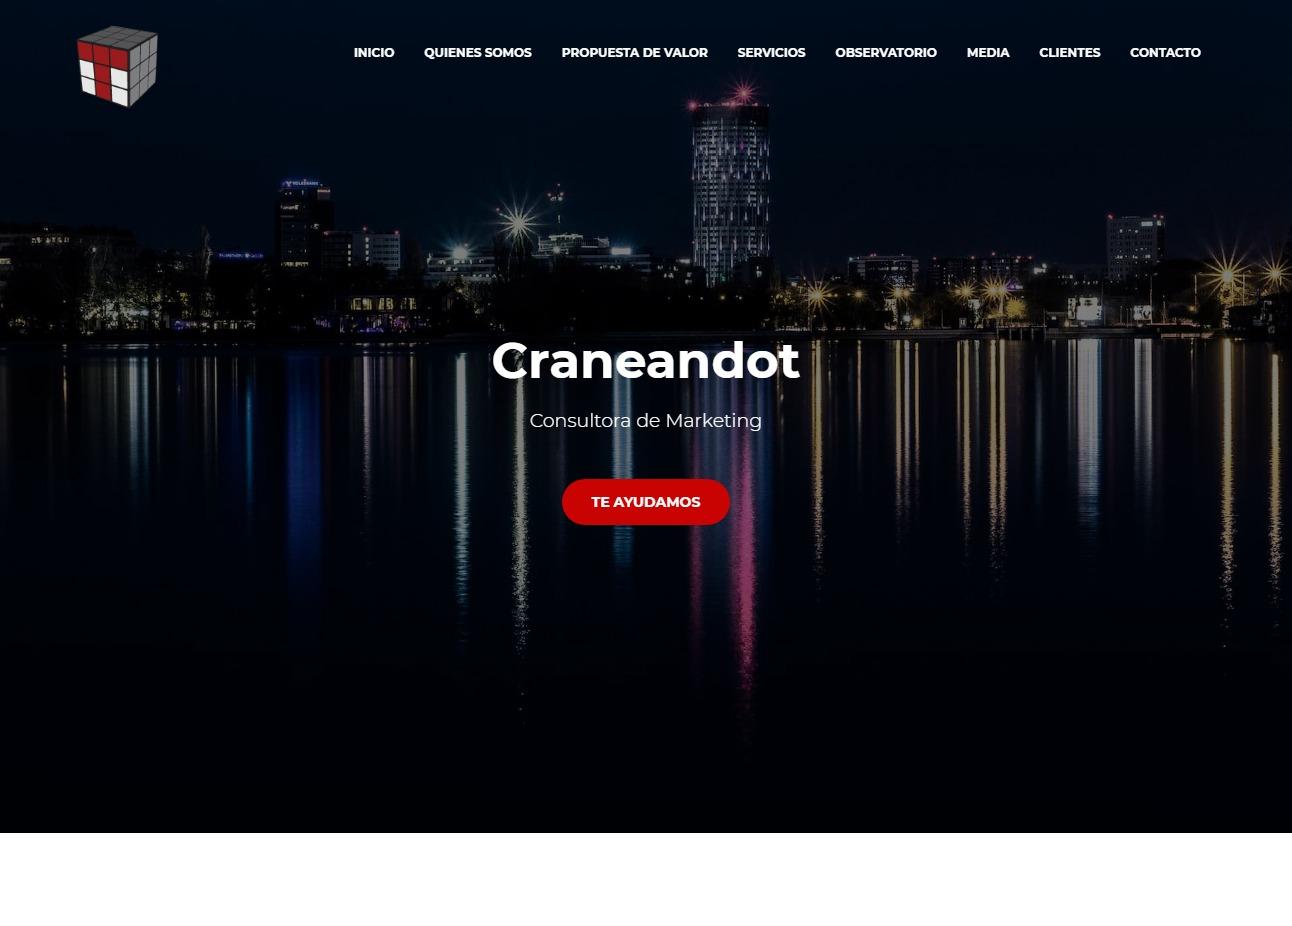 CraneandoT